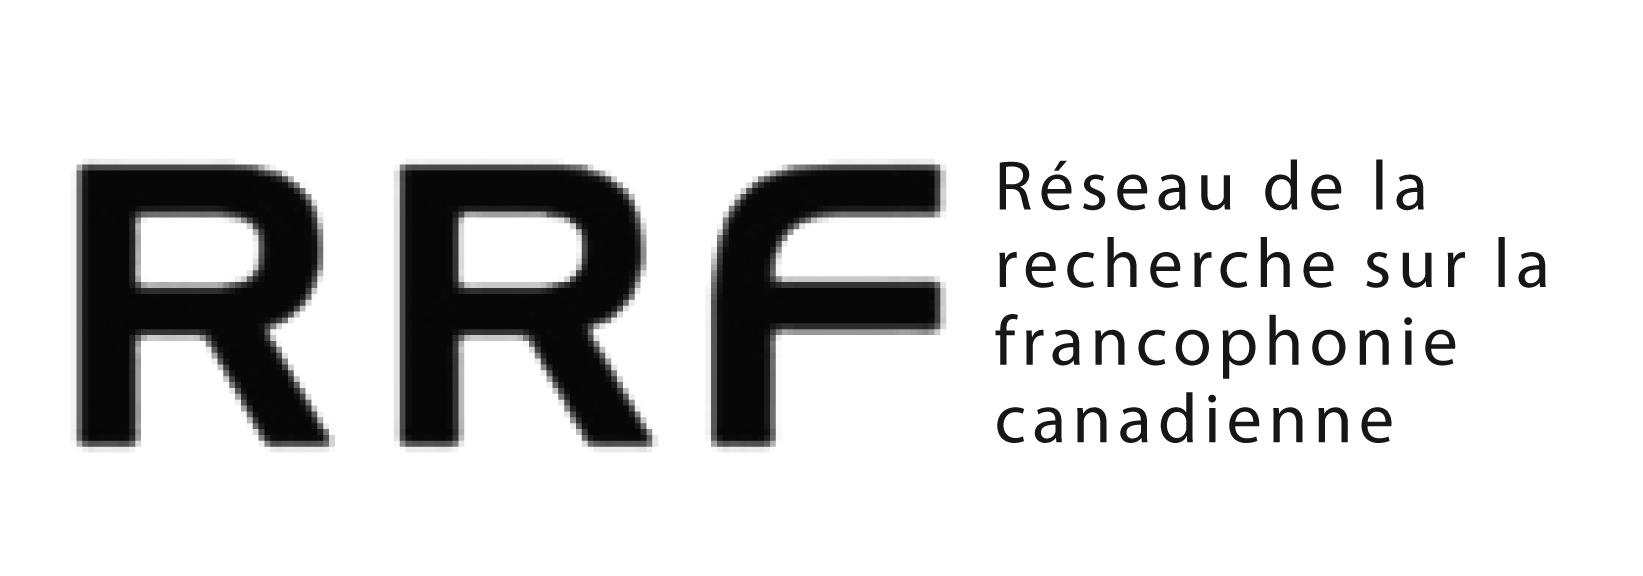 Colloque RRF 2020 : Bâtir des ponts dans les francophonies canadiennes